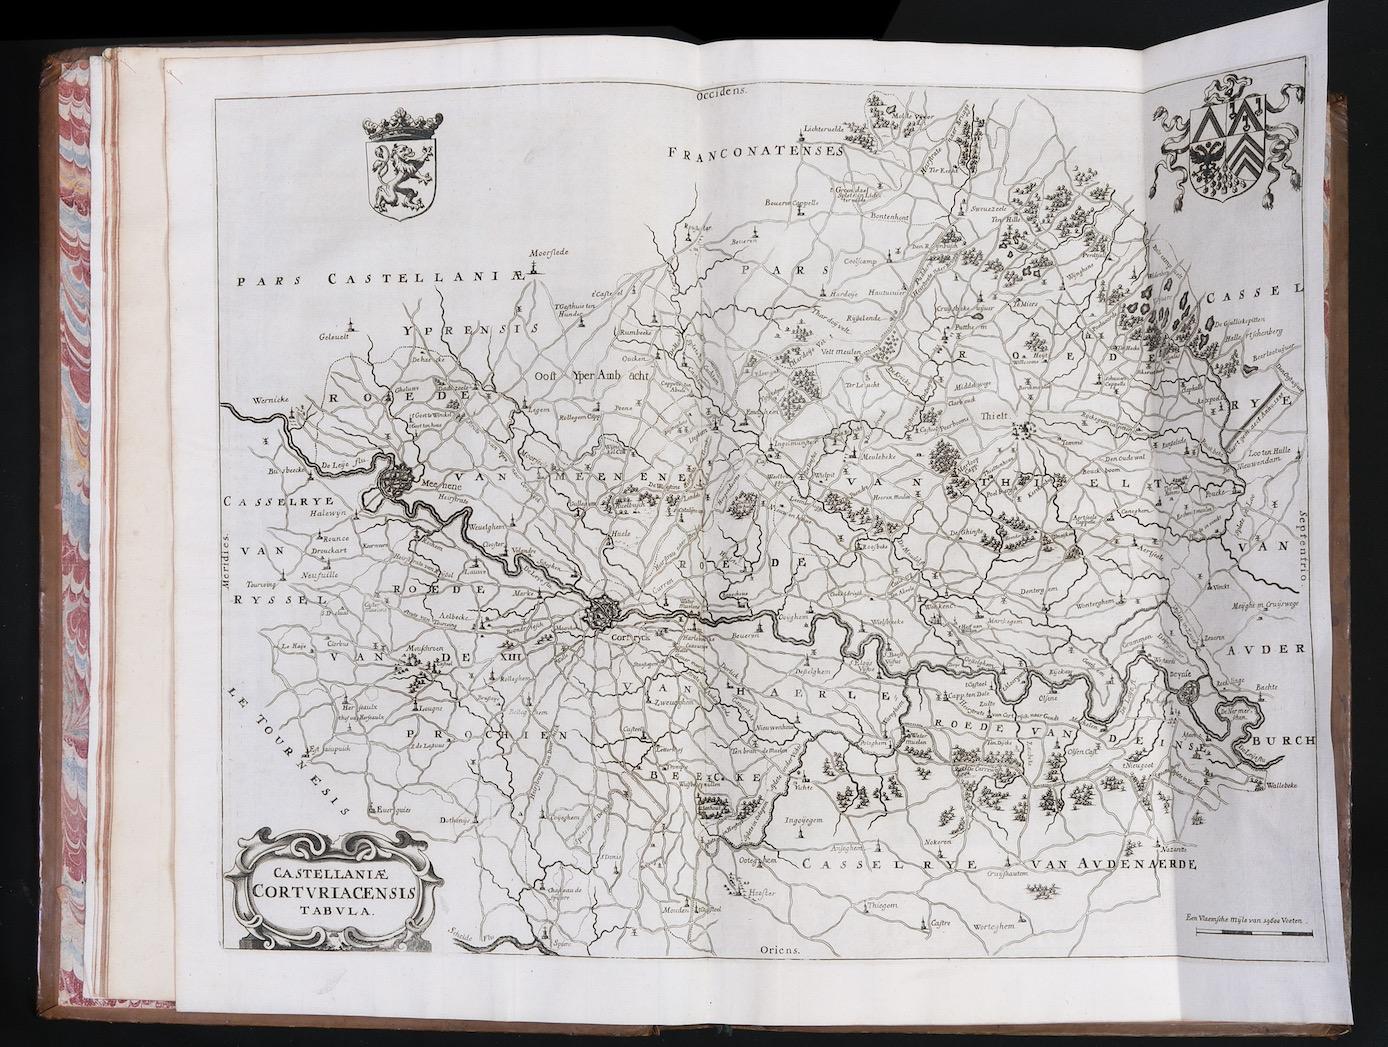 Vente Cartes postales, Belgicana, Généalogie, Surréalisme, Spectacles, Chine & Japon, Gravures chez Morel de Westgaver : 236 lots